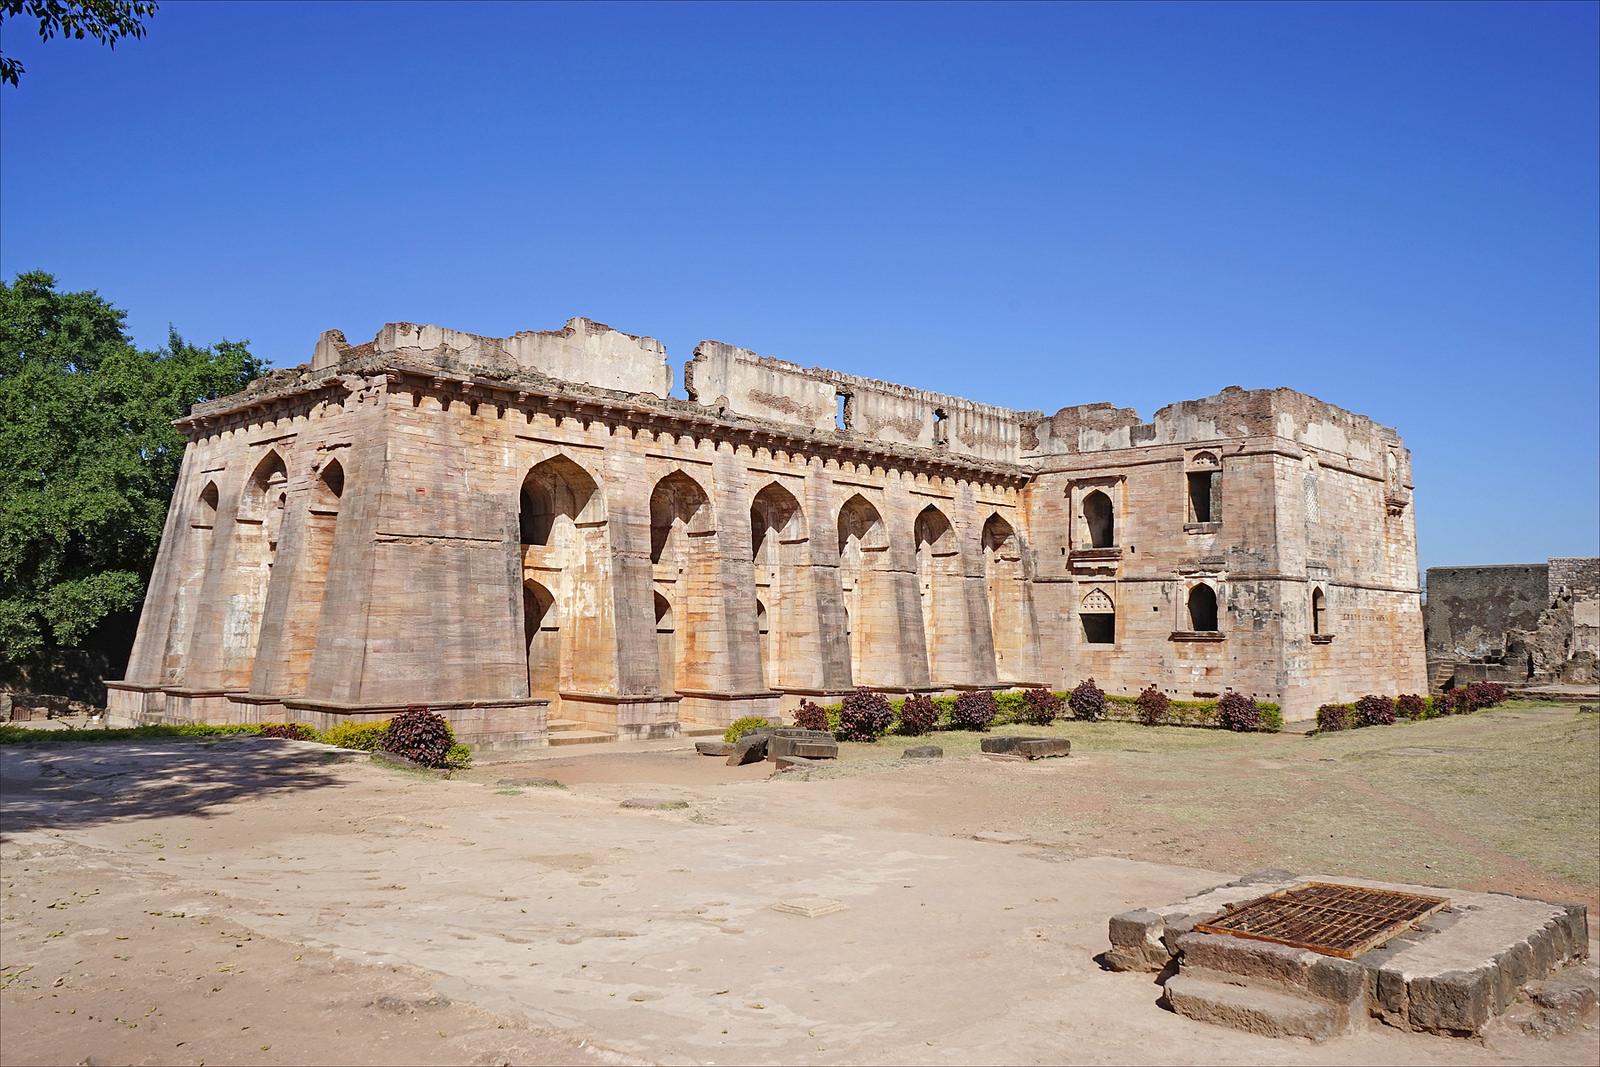 Mandu A Secret Treasure Trove In India